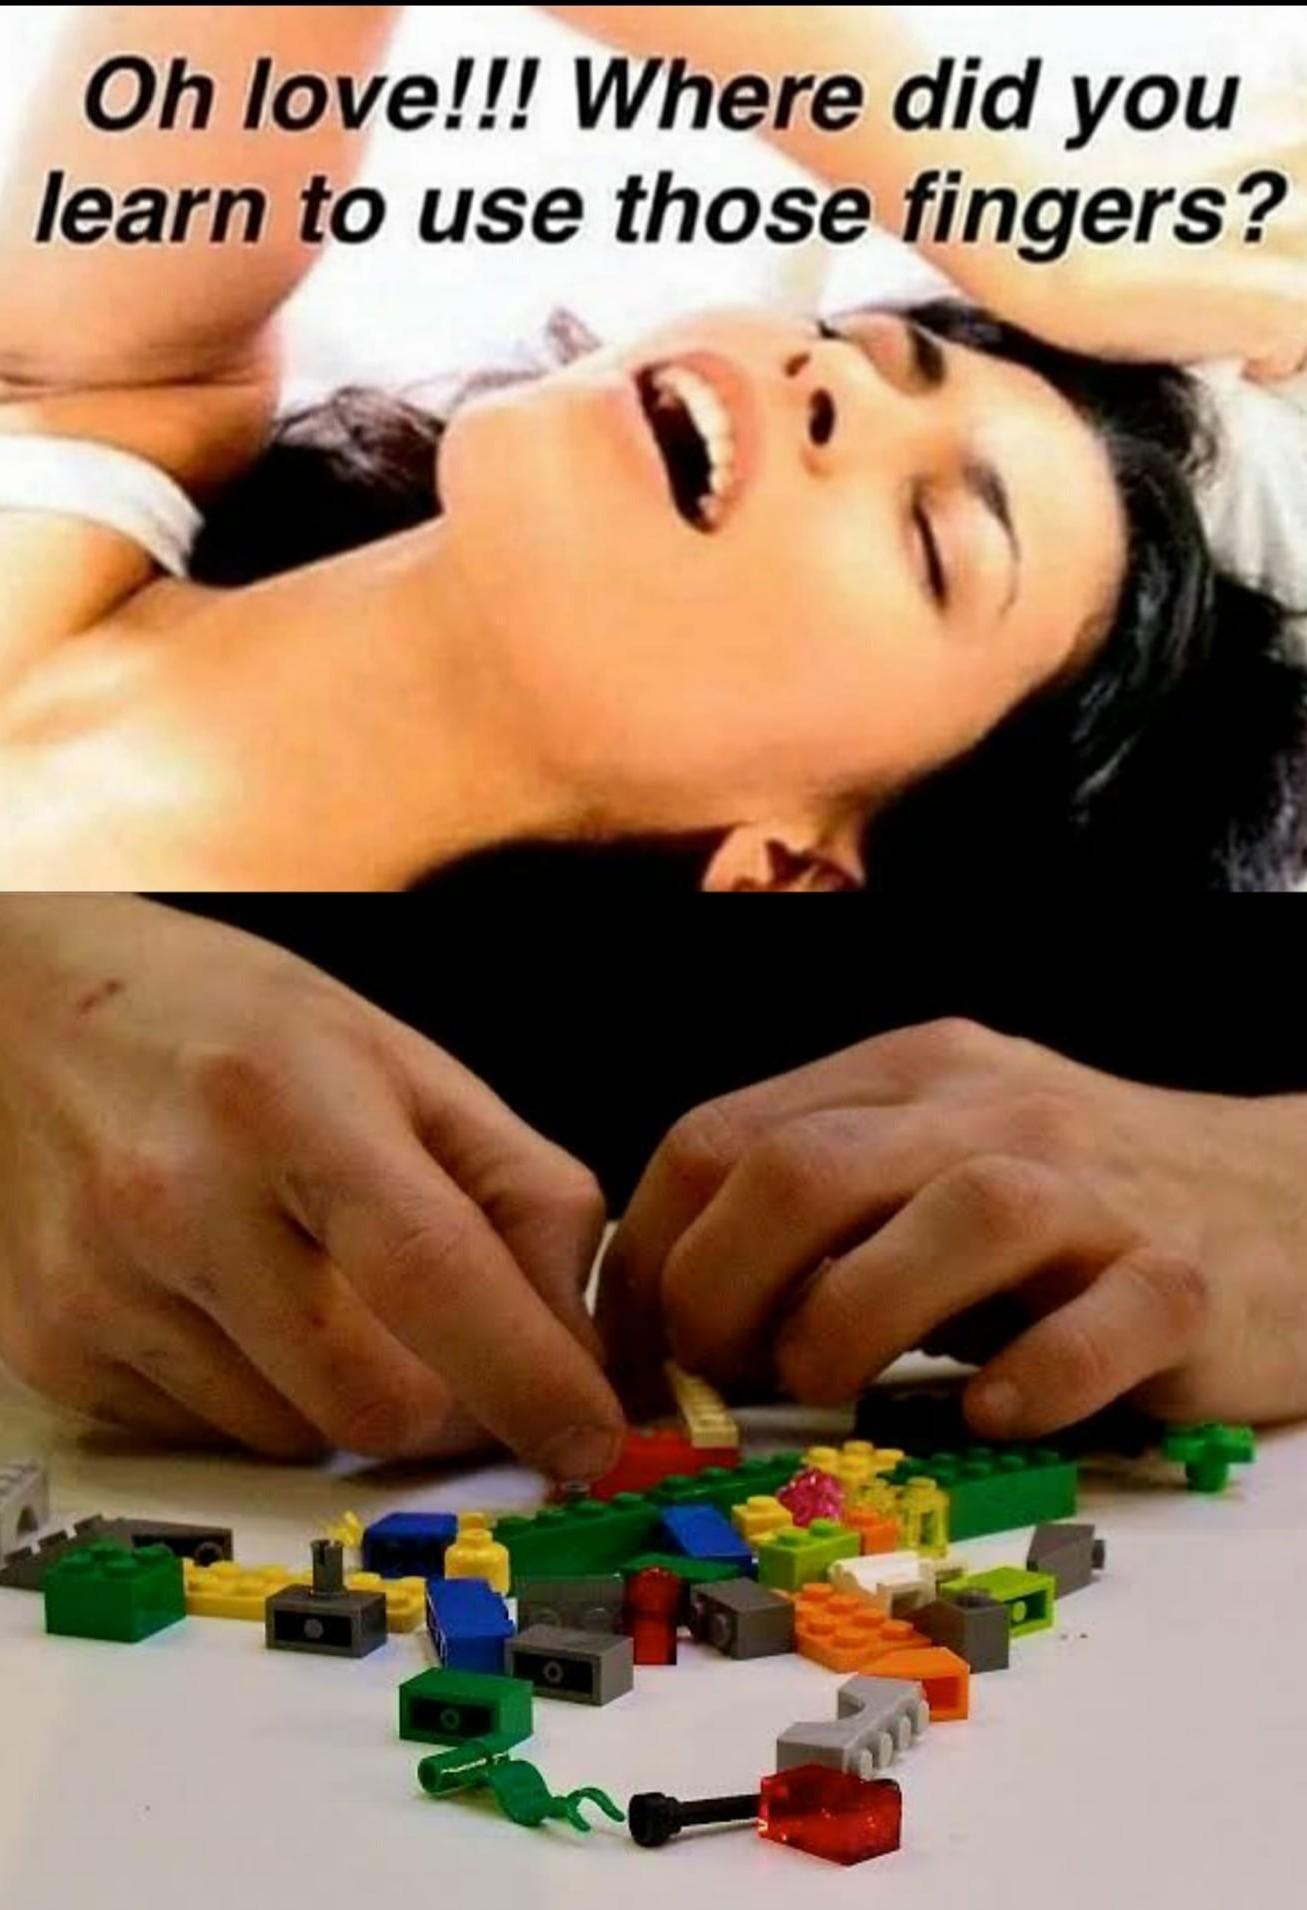 Lego Master - meme